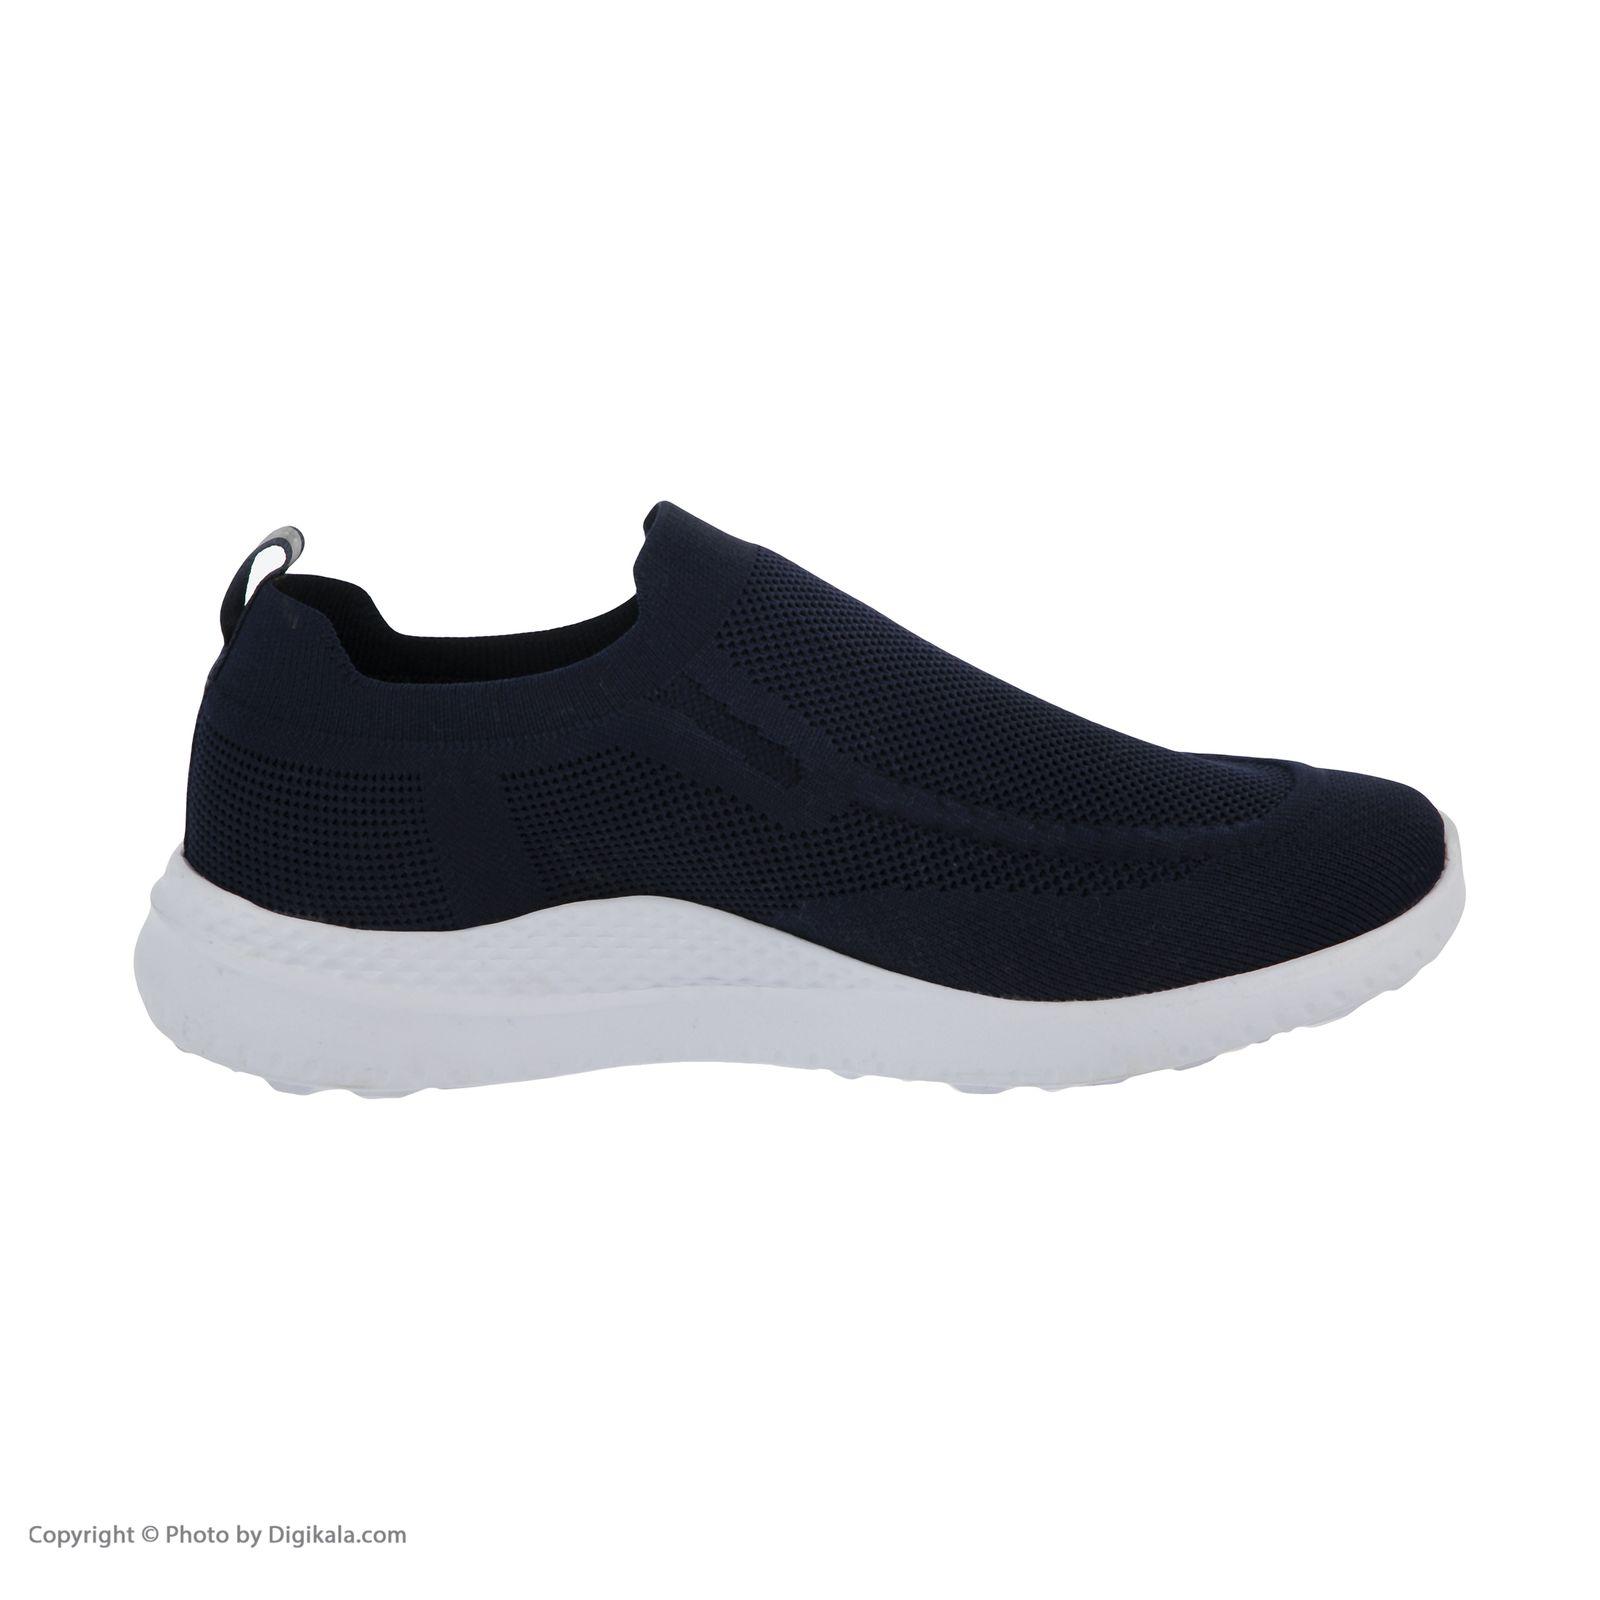 کفش راحتی مردانه مل اند موژ مدل 1020-15-400 main 1 5